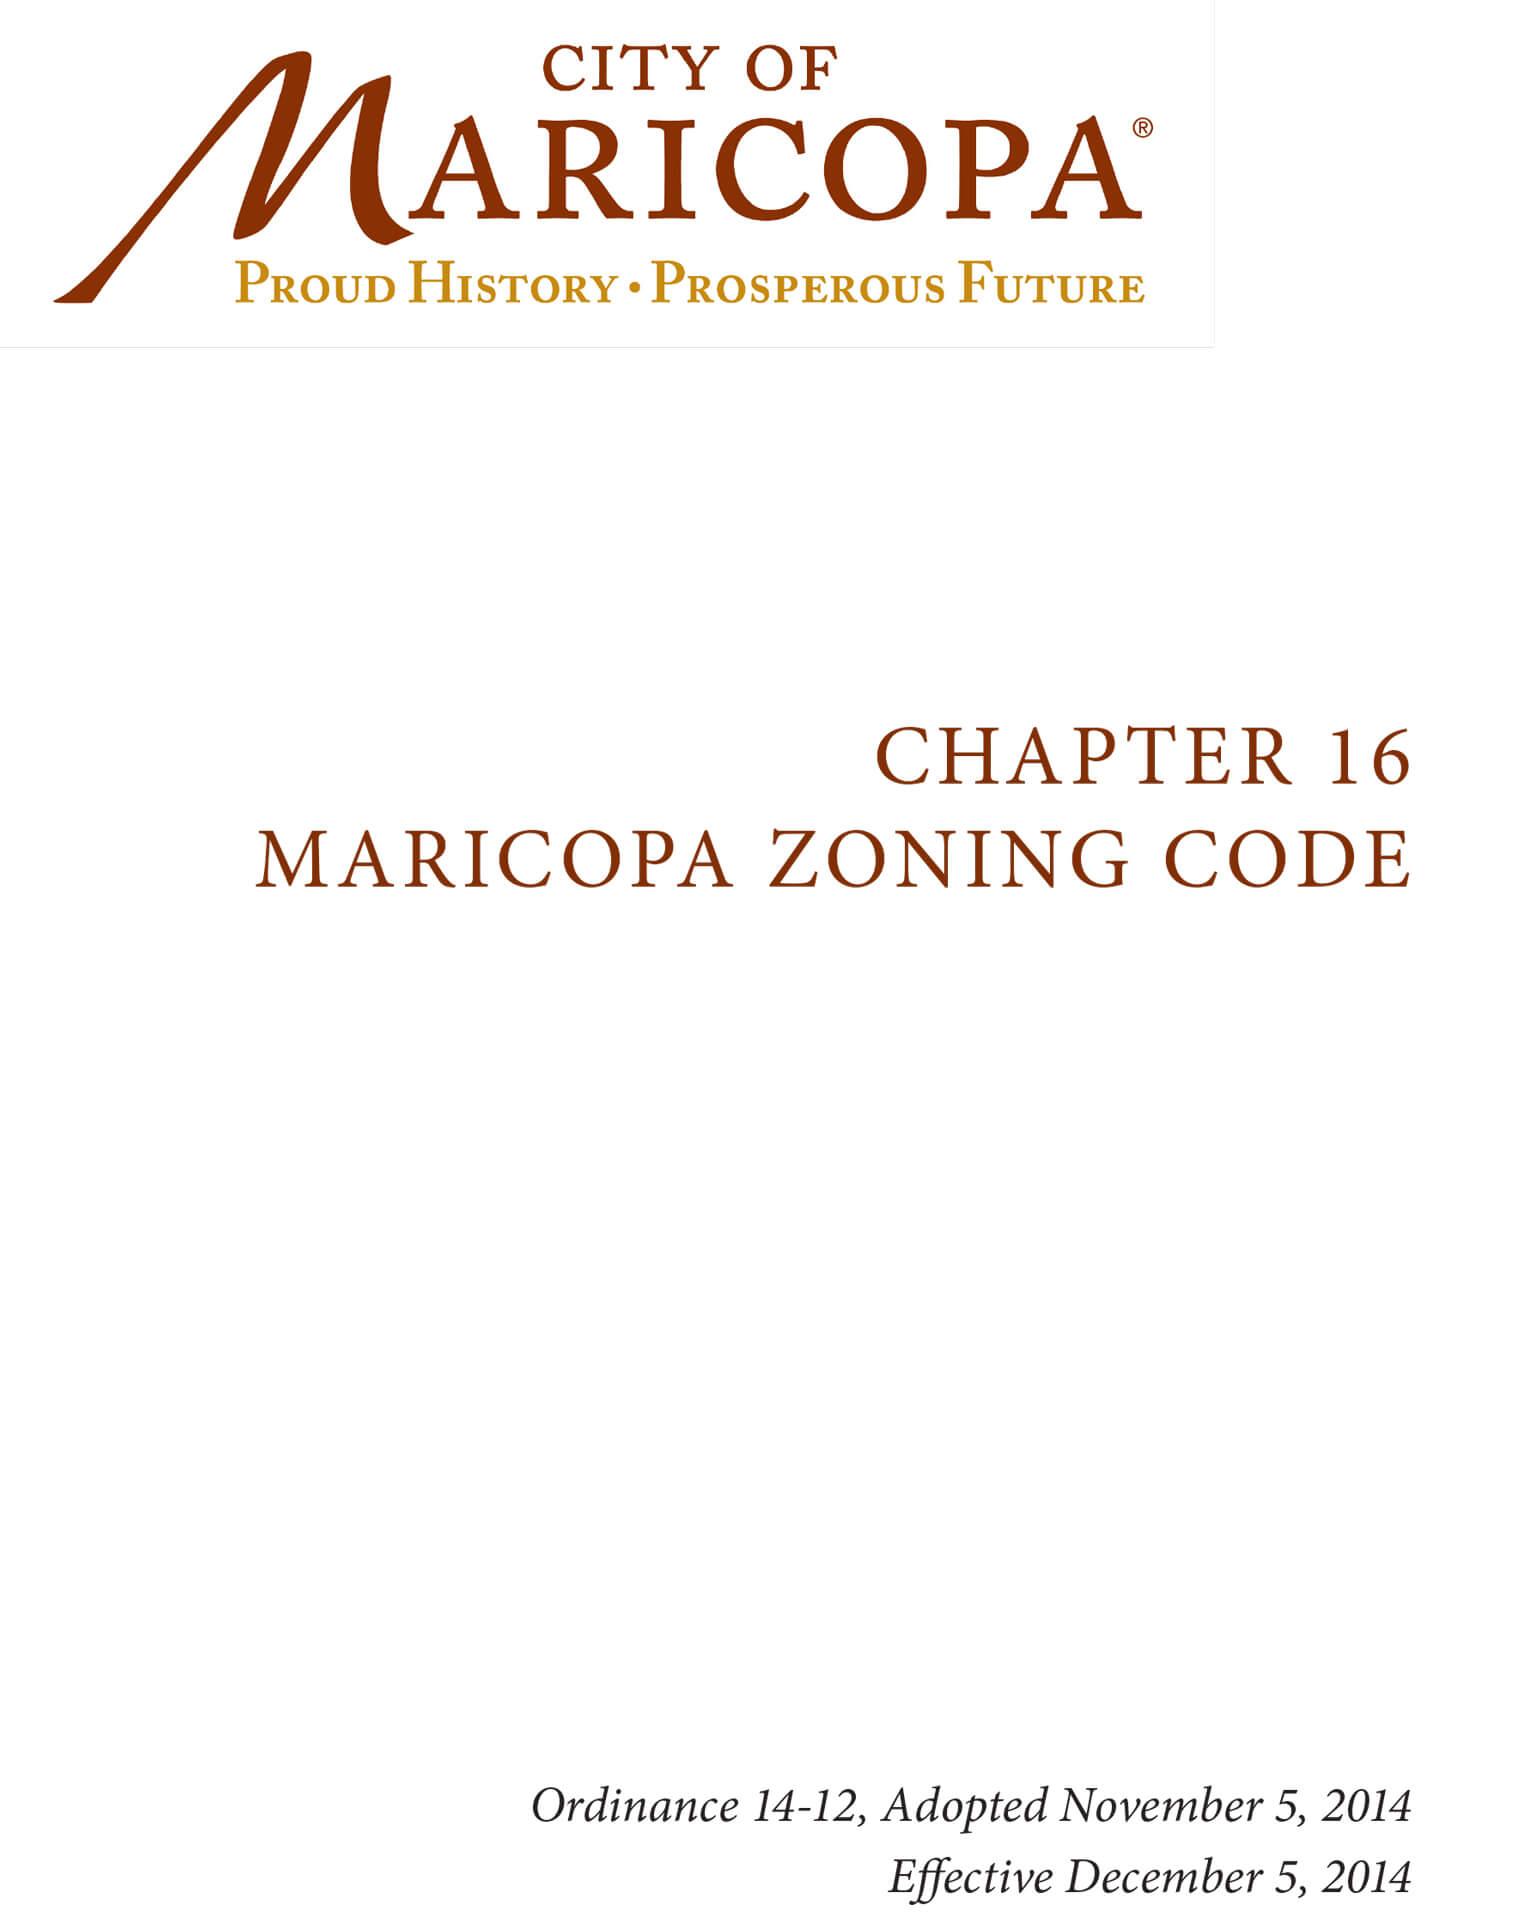 Maricopa Zoning Code